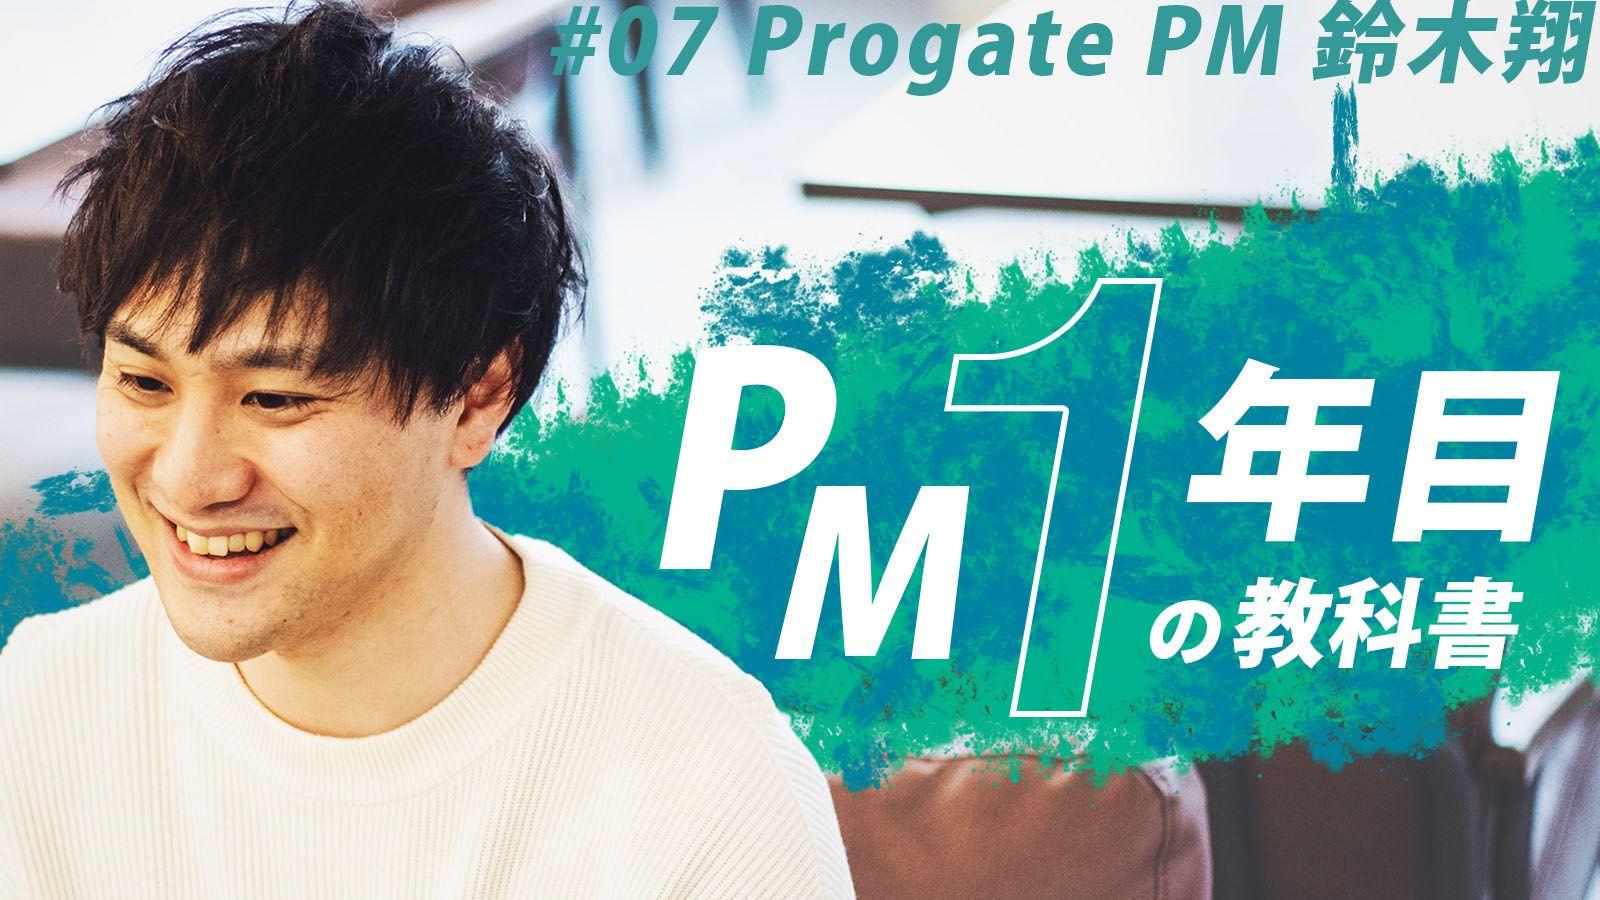 もしこの機能があったら「あの頃の自分」はどう思うだろう。Progate 鈴木翔、PMとしての判断軸